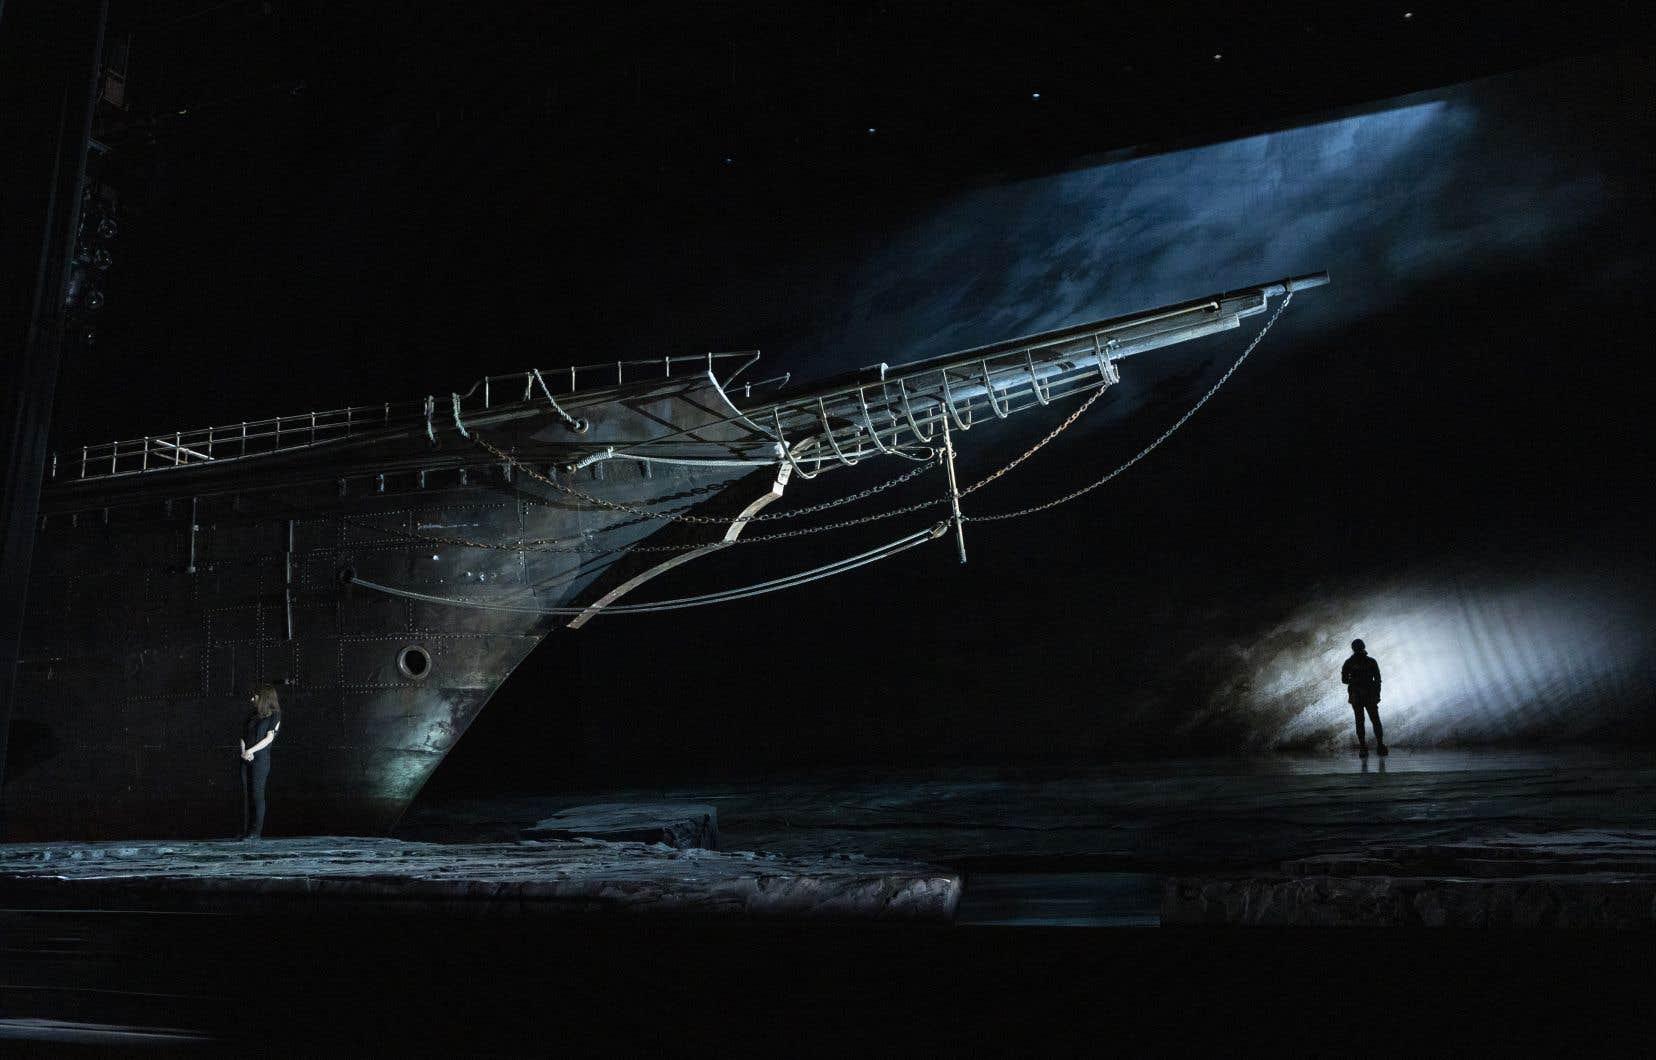 Le vaisseau fantôme, mis en scène par François Girard, en répétition sur la scène du Grand Théâtre à Québec, prend pour point de départ un tableau: celui du «Hollandais volant», dont le capitaine maudit hante les histoires de marins.